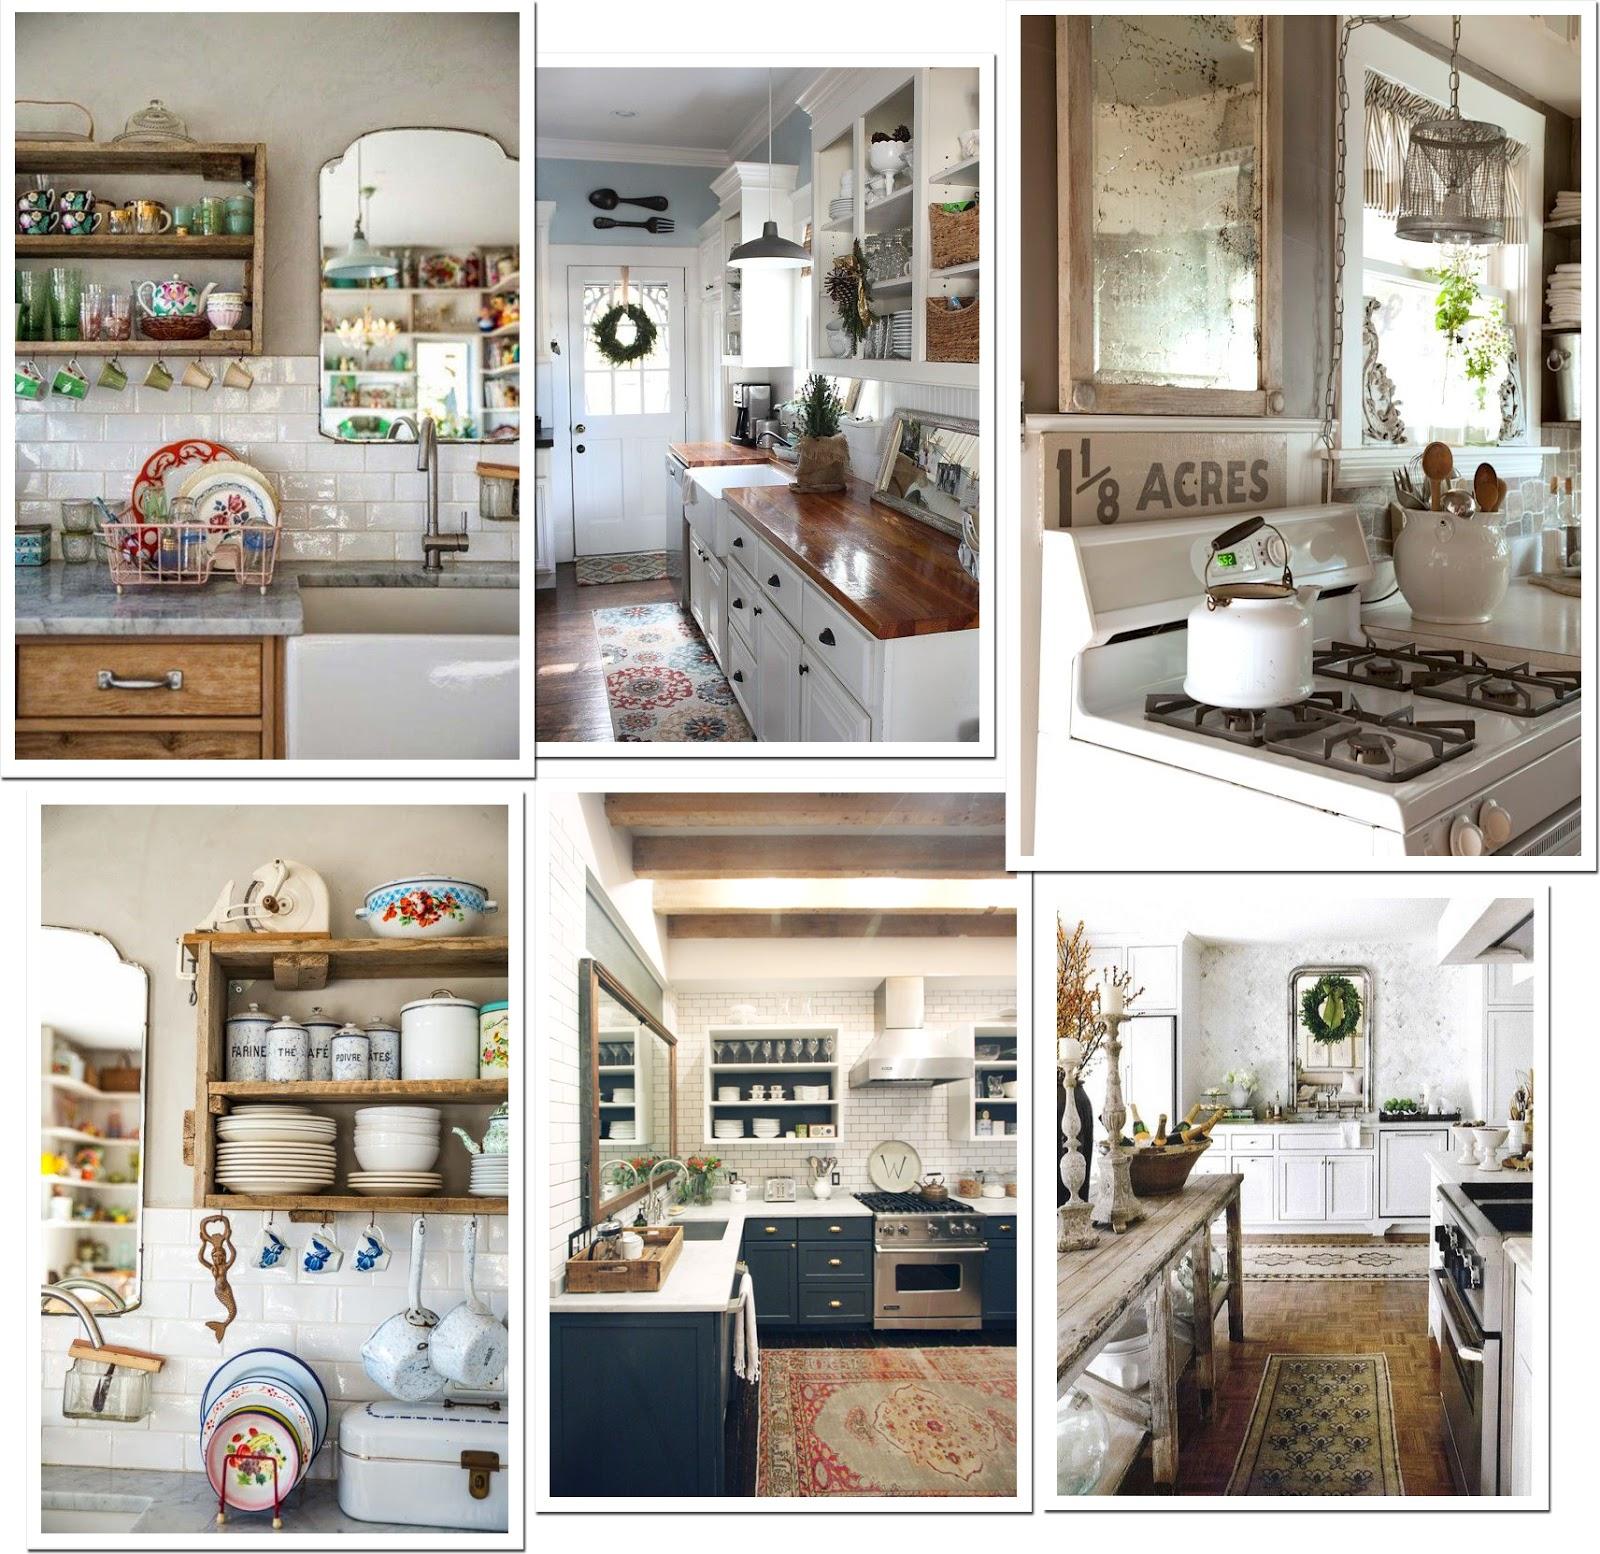 Uno specchio in cucina shabby chic interiors - Cucina shabby chic ...